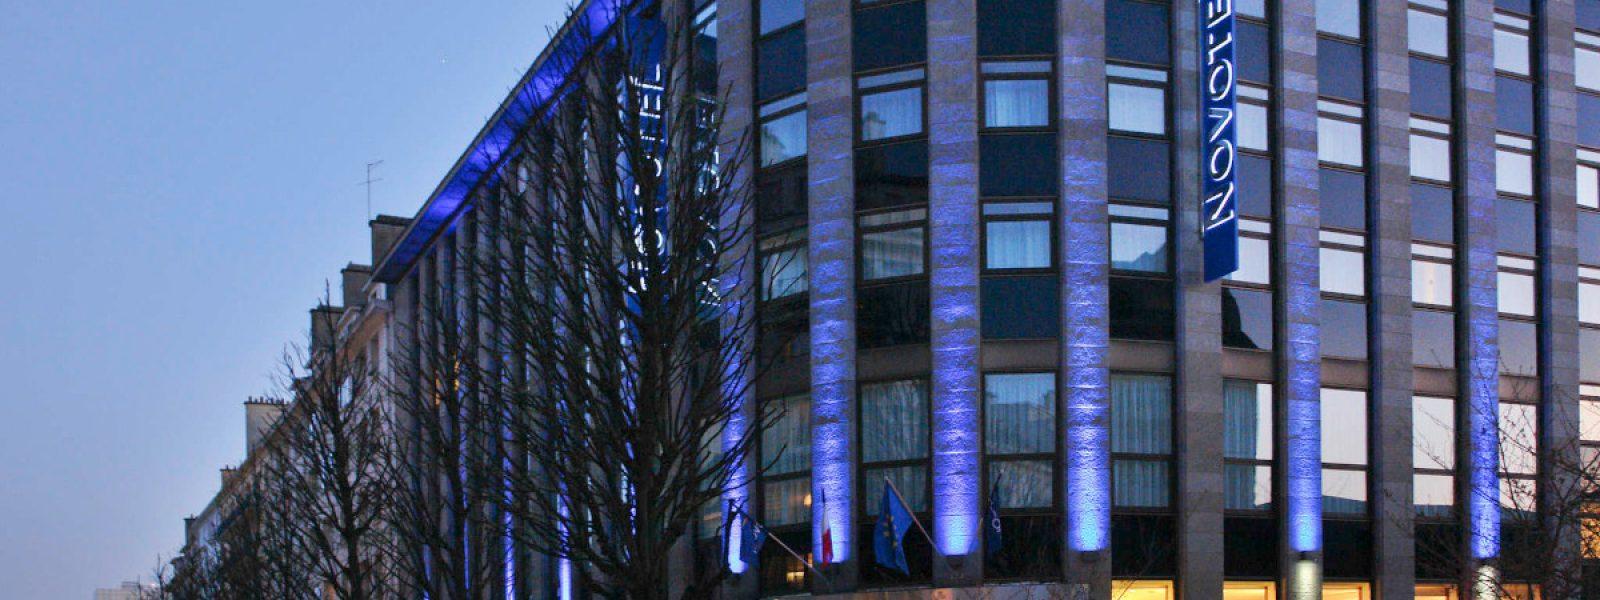 Novotel Rennes Centre Gare